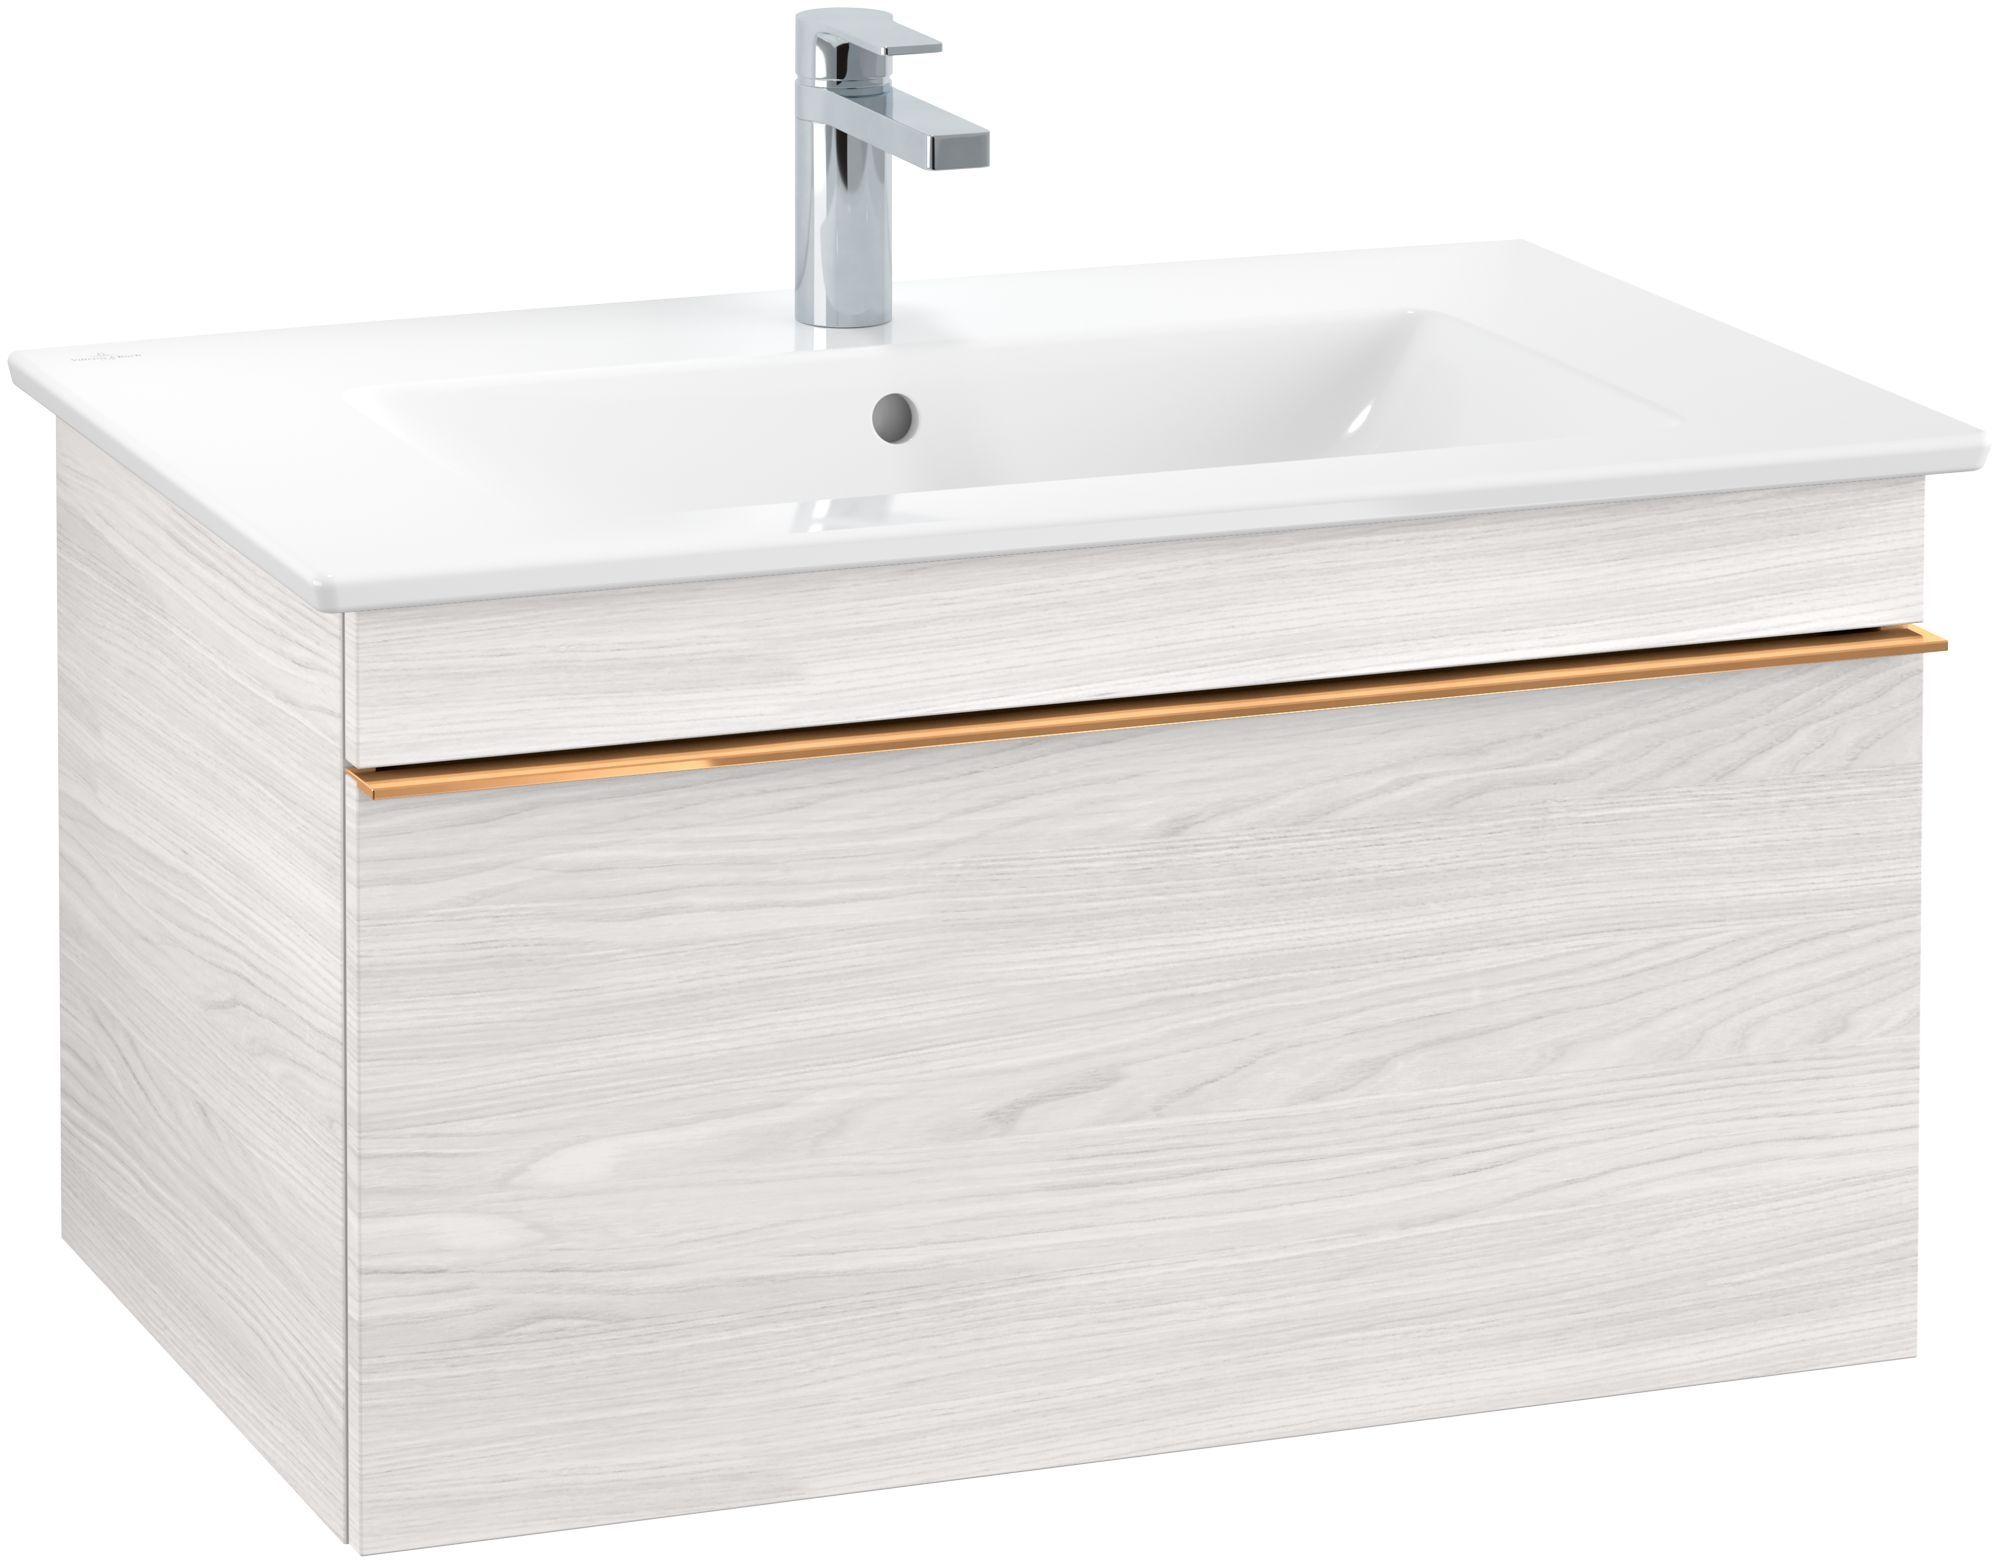 Villeroy & Boch Venticello Waschtischunterschrank 1 Auszug B:75,3xH:42xT:50,2cm white wood Griffe copper A93405E8